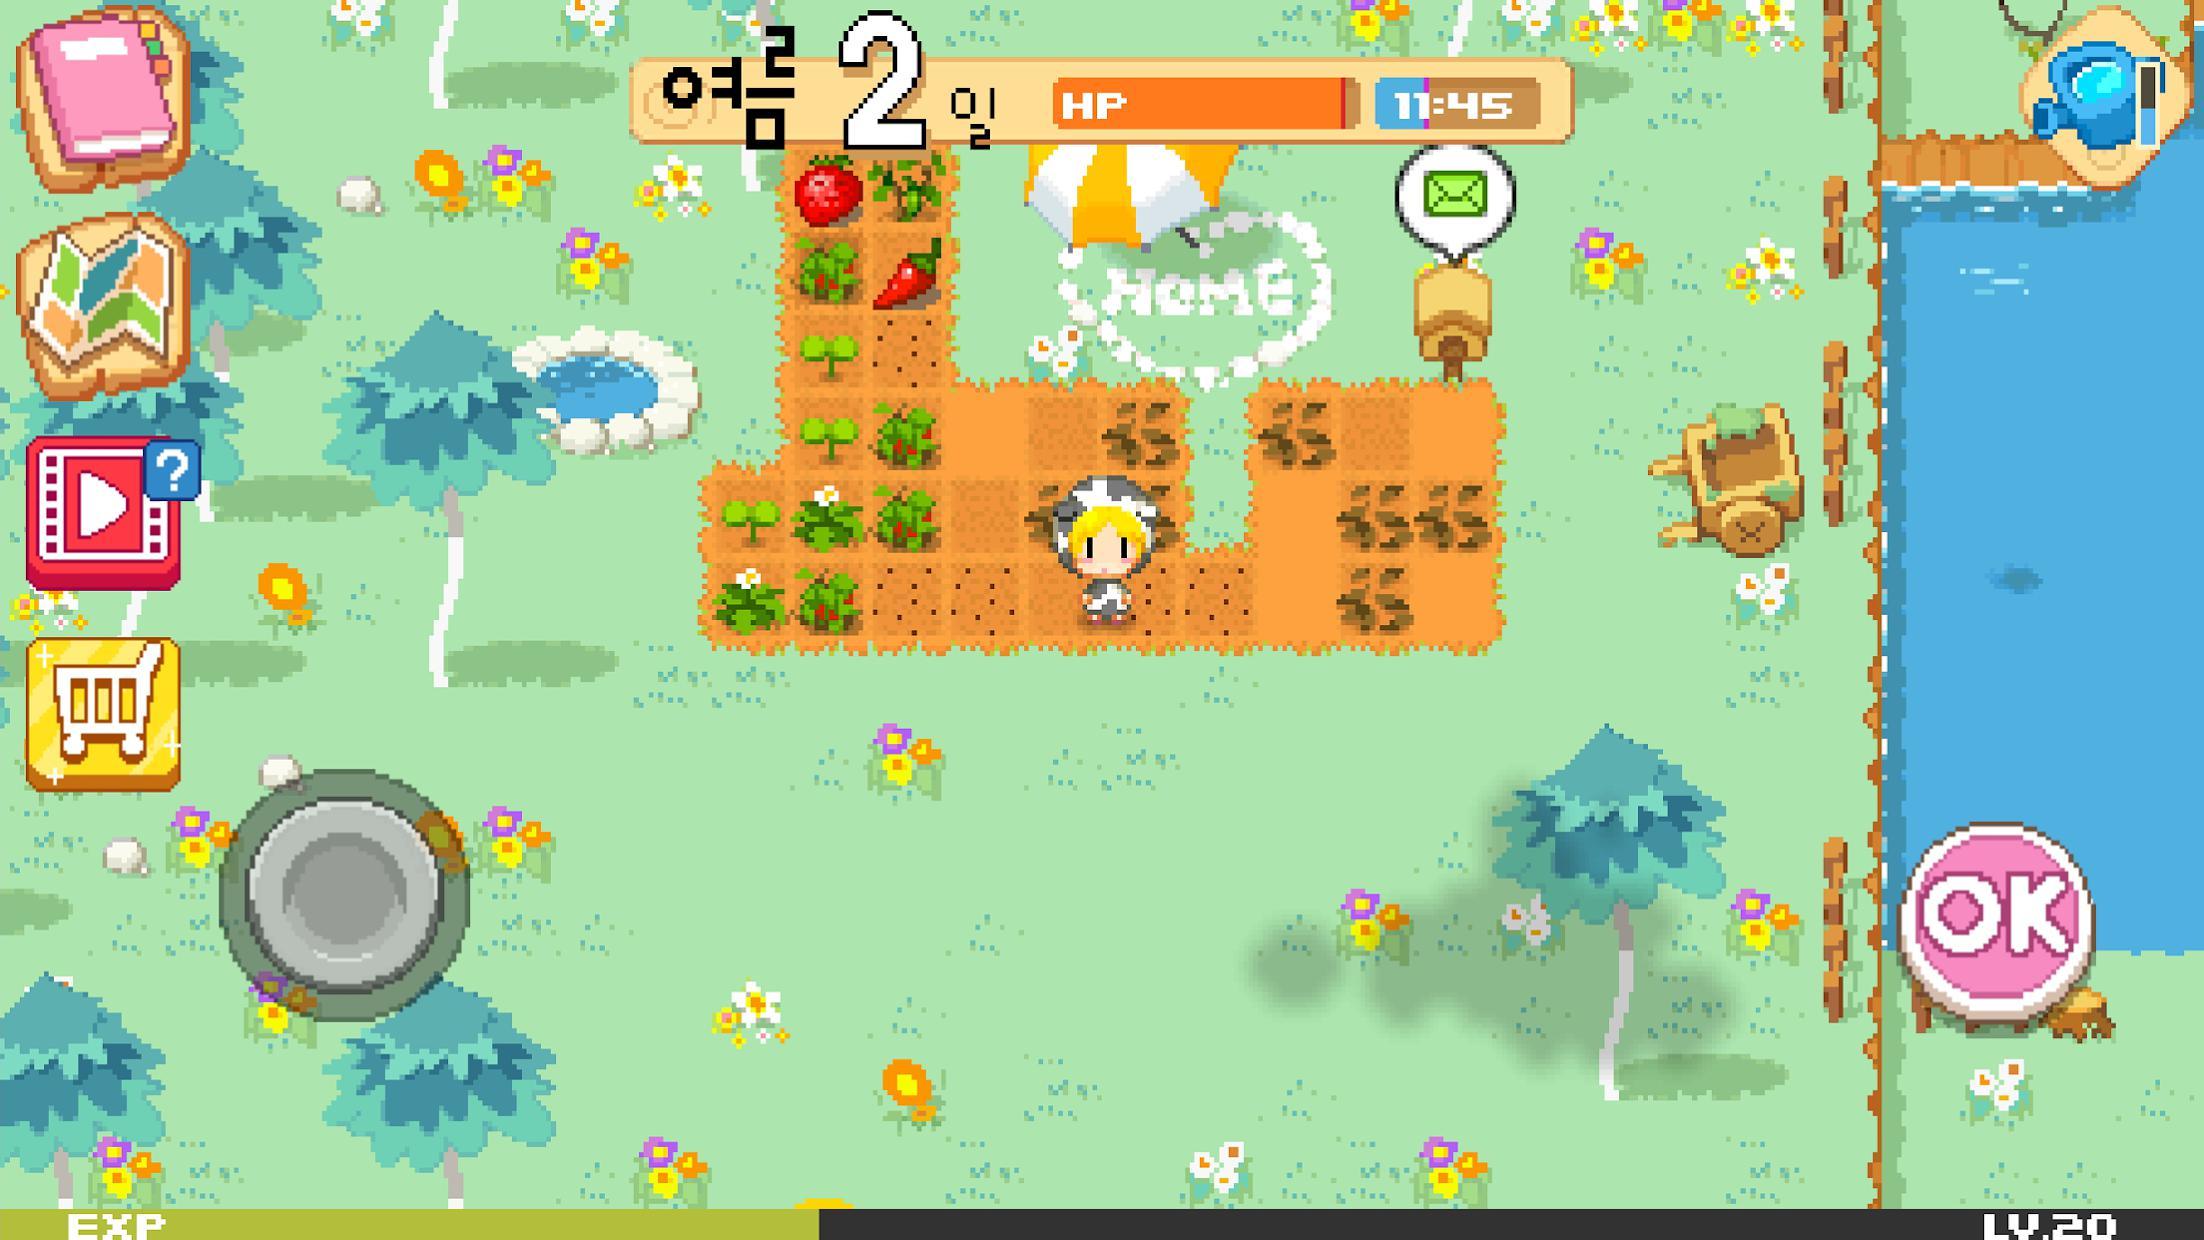 农场M:公主的农场经营时光 游戏截图1